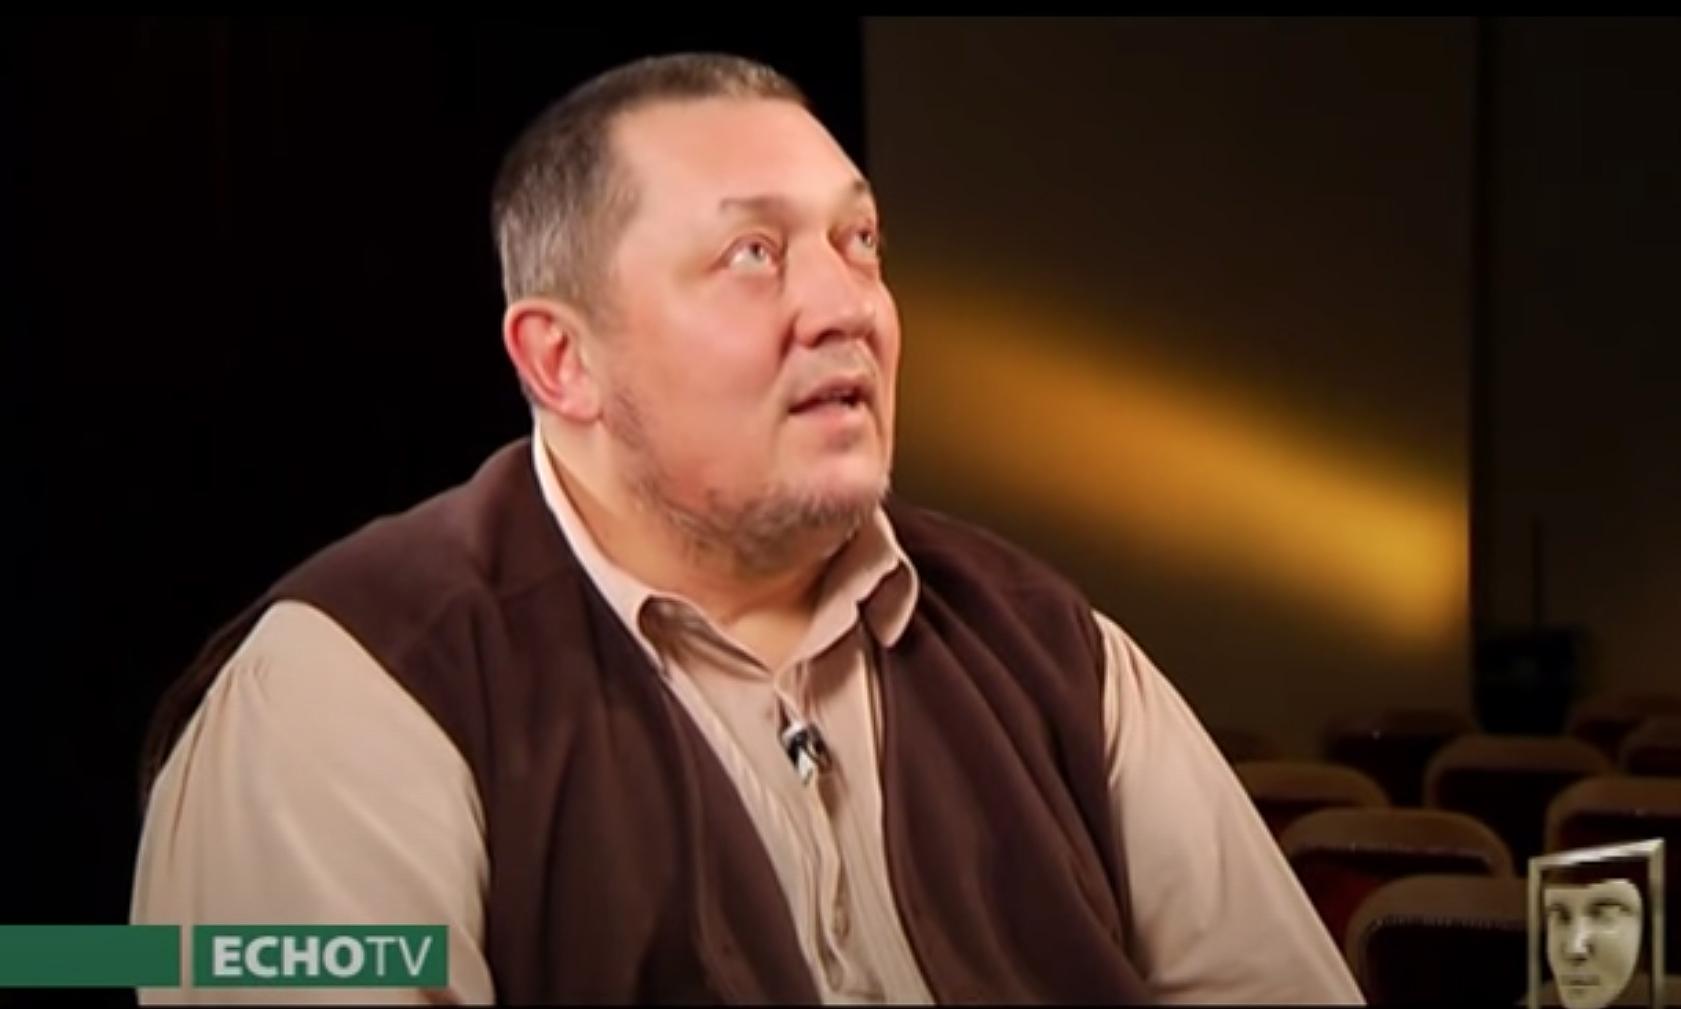 Vidnyányszky 2015-ben még arról beszélt, hogy korszakos élmény volt, amikor az osztályát befogadták a Színművészeti Egyetemen